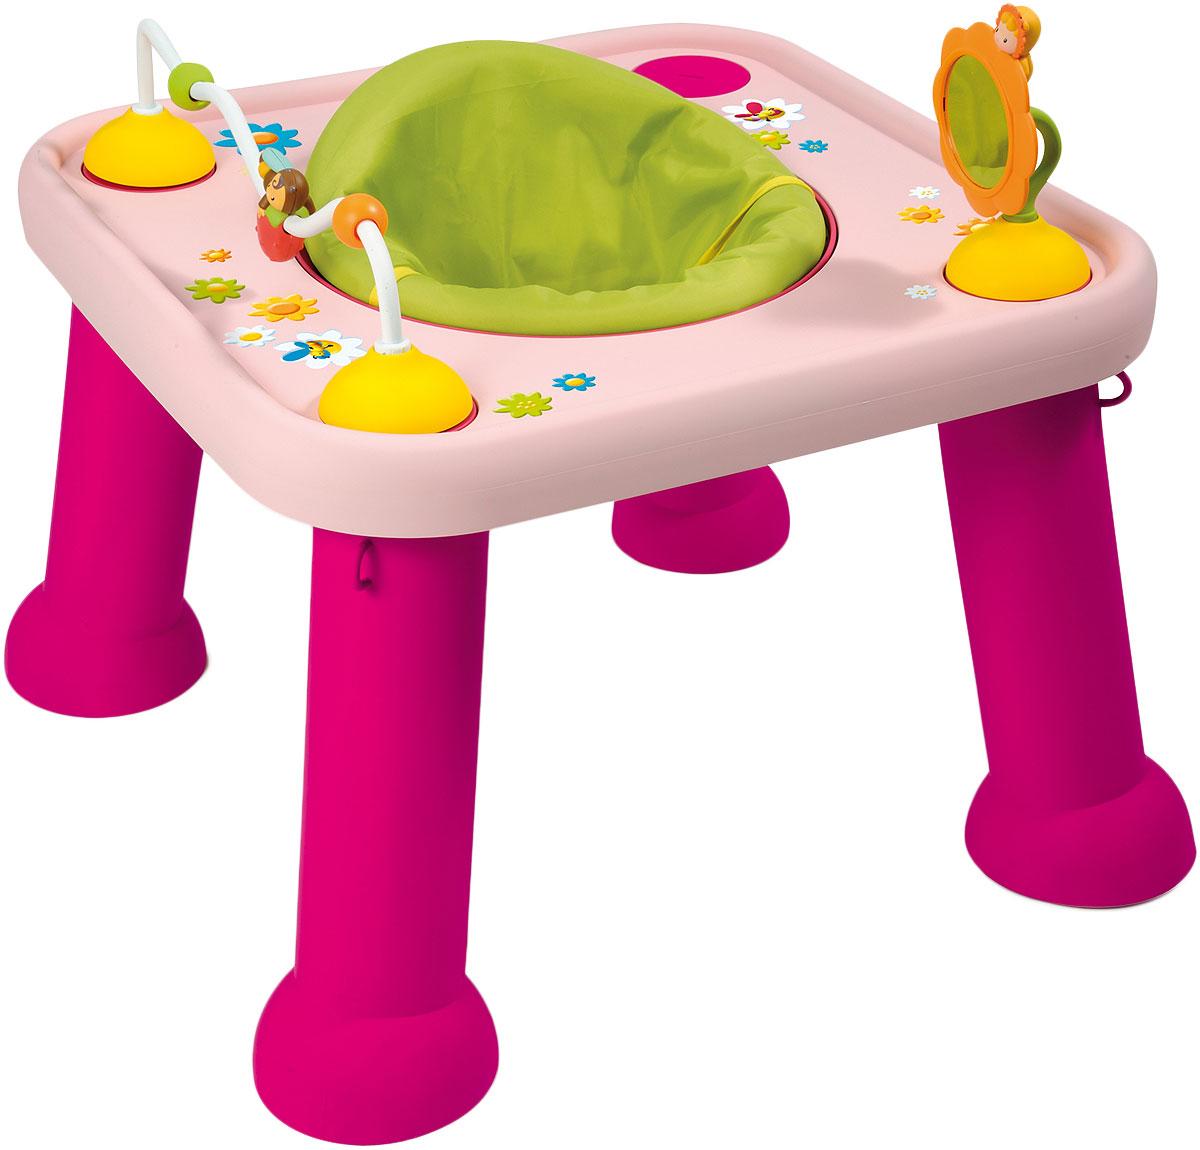 Smoby Стол-трансформер цвет розовый211310_розовыйСтульчик-трансформер с игровым столом для детей от 5 месяцев. Удобный стульчик вращается на 360 градусов, что позволяет малышу играть на всей поверхности стола. На столе расположено игровое зеркальце и кривая, по которой можно передвигать бусинки. Когда ребенок подрастет, можно снять стульчик и игровые аксессуары. Тогда стол можно будет использовать для рисования и игр.